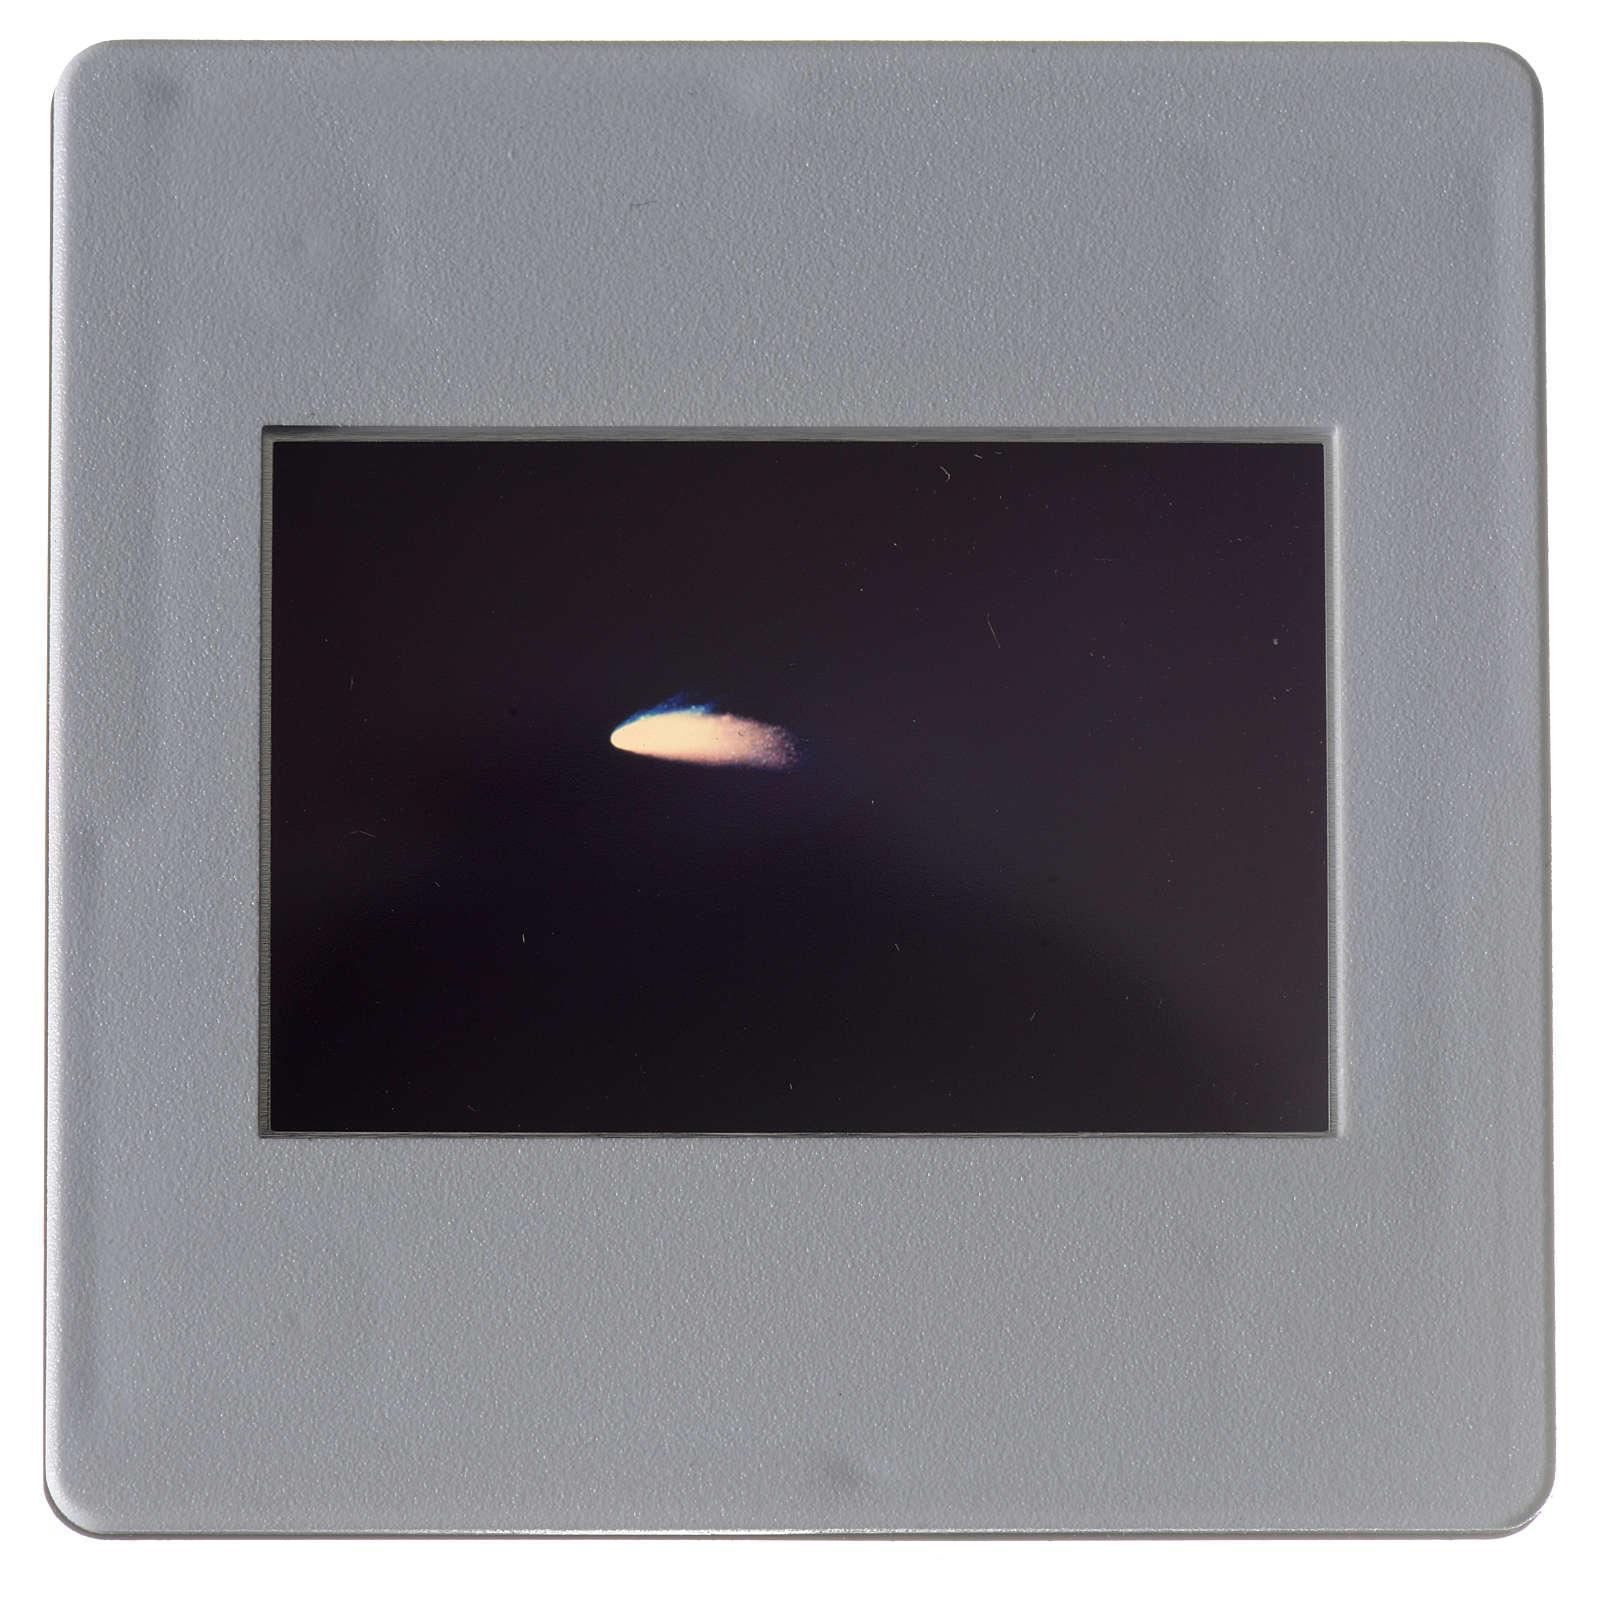 Diapositiva belén Cometa Hale-Bopp 4